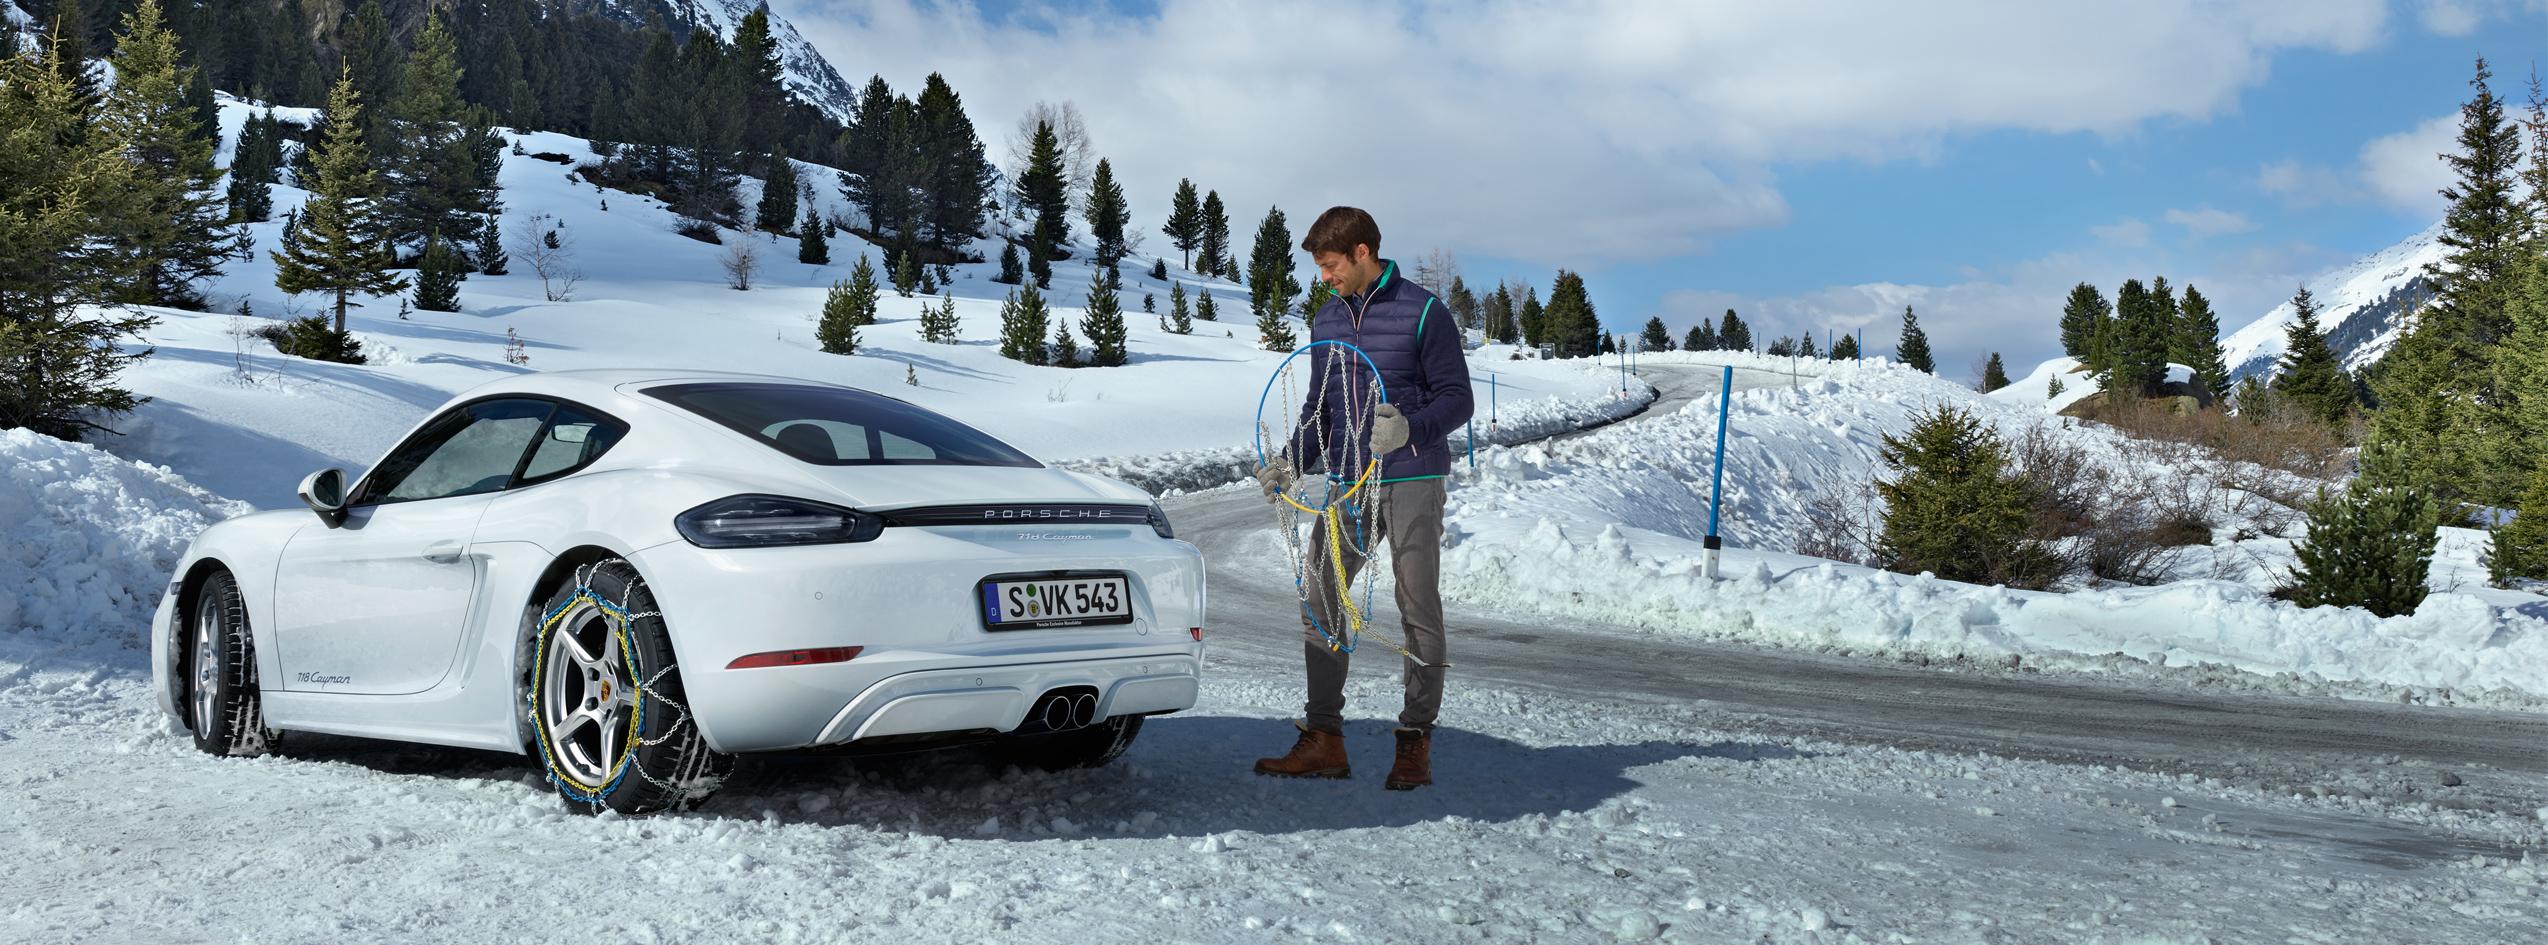 b1a65ceb5e9a Tequipment-accessoirezoeker - Dr. Ing. h.c. F. Porsche AG